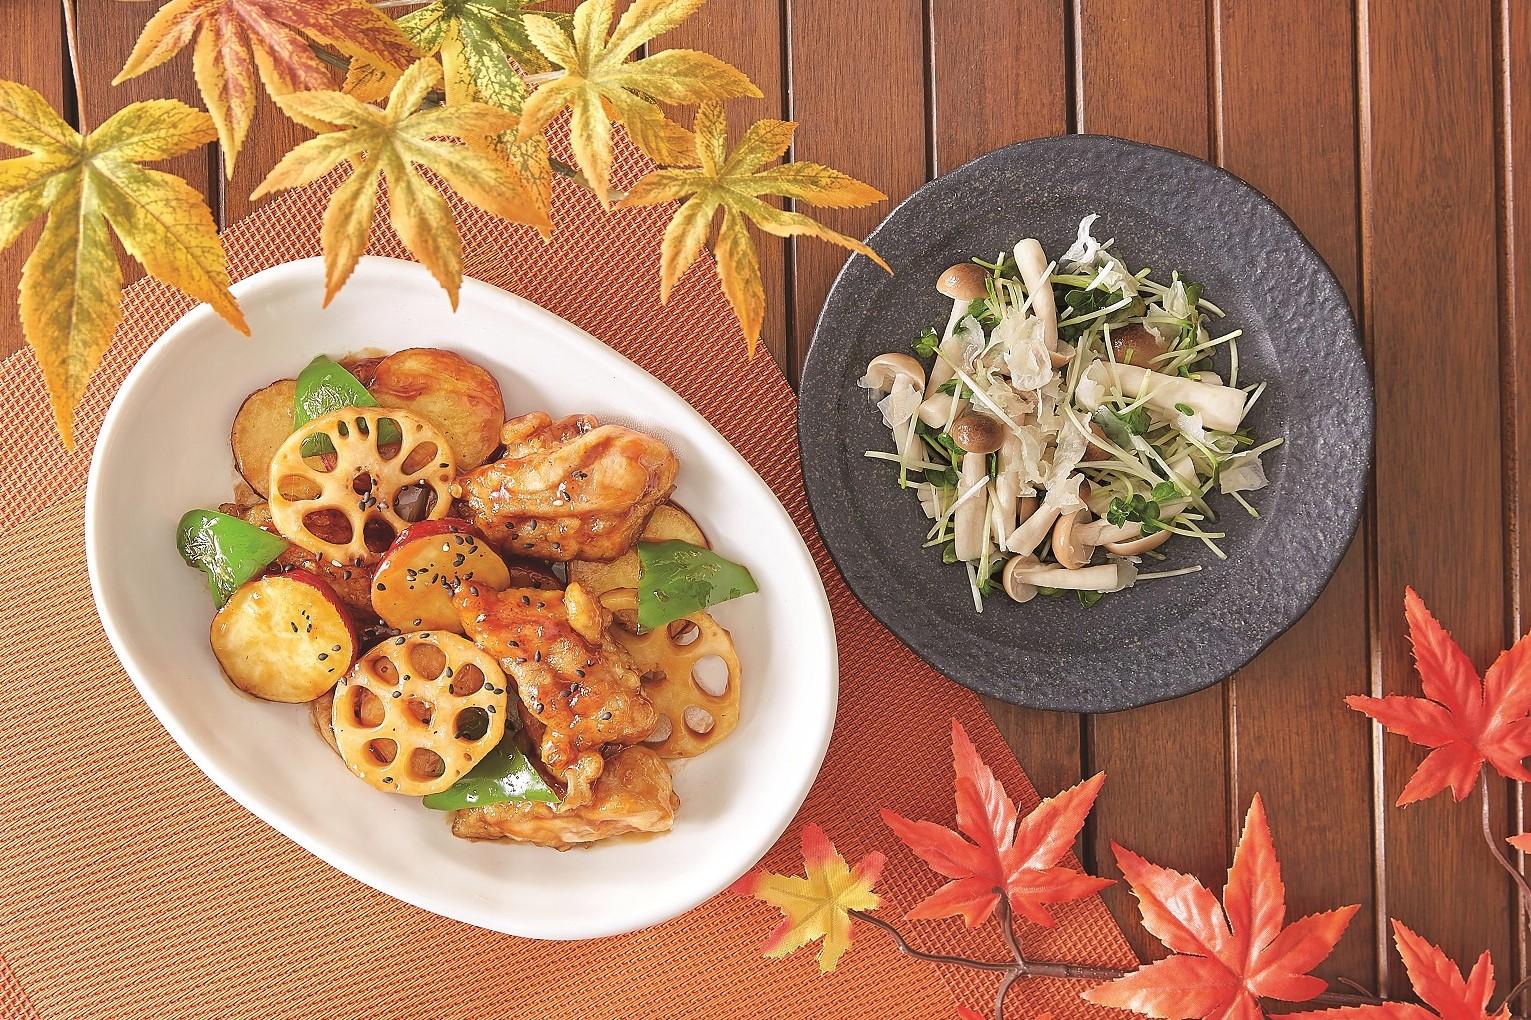 【薬膳料理家監修】お体メンテナンス 免疫力を上げる季節の養生10月